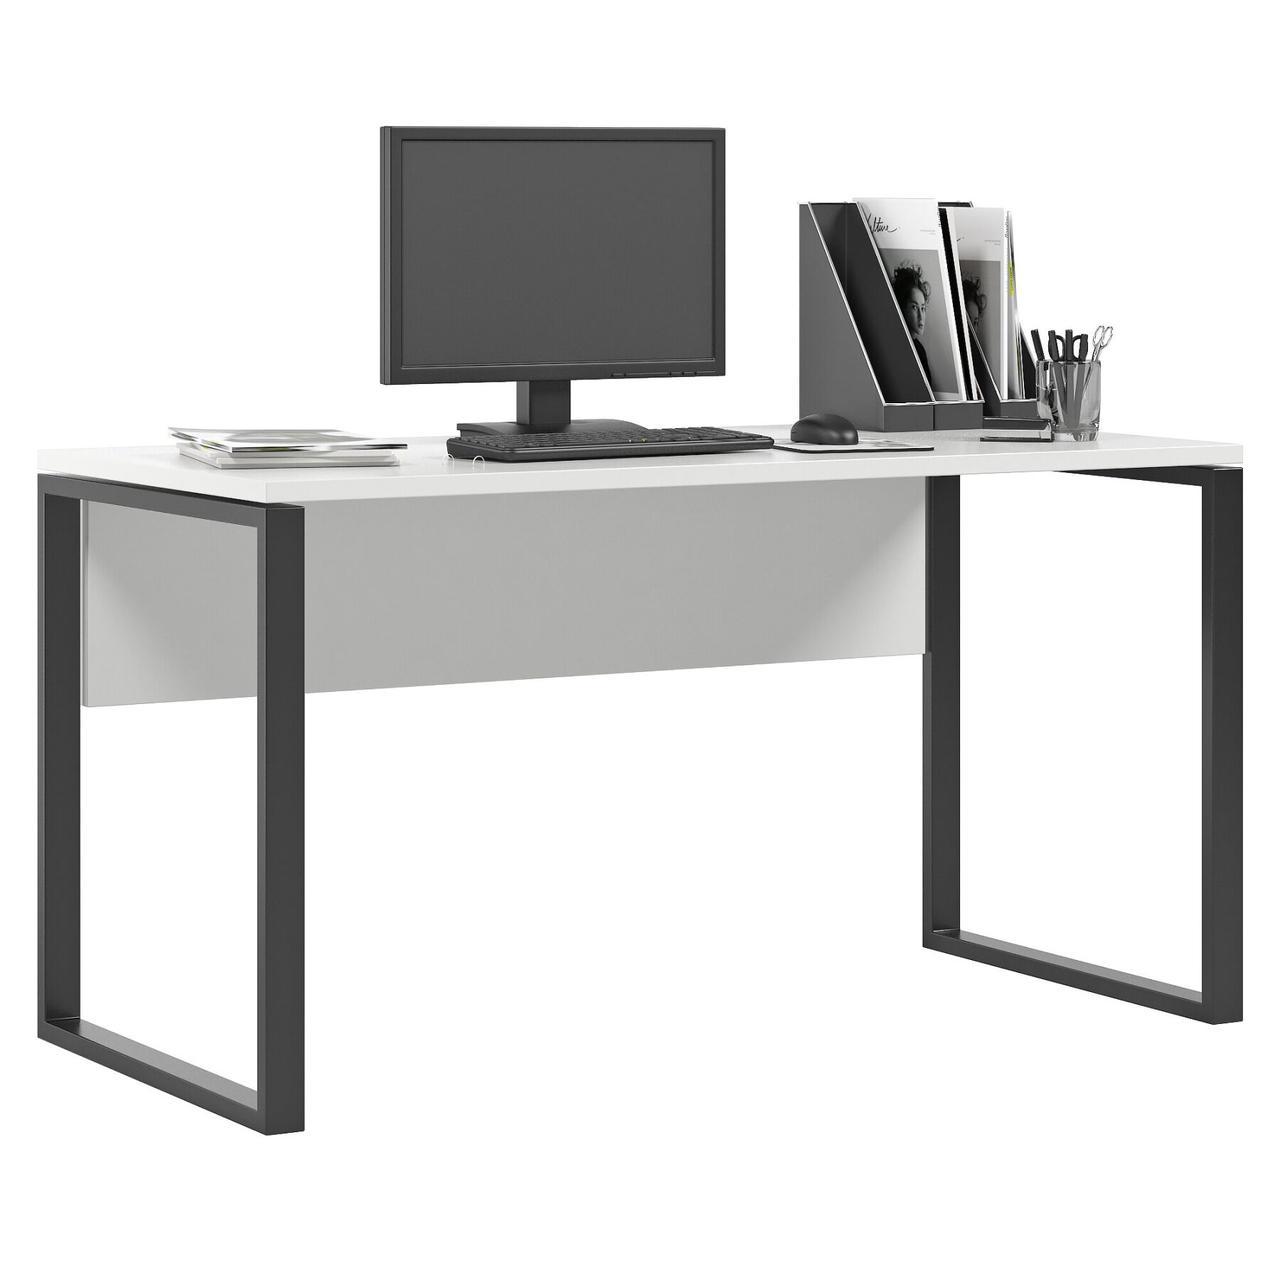 Комп'ютерний стіл Метр з чорними опорами